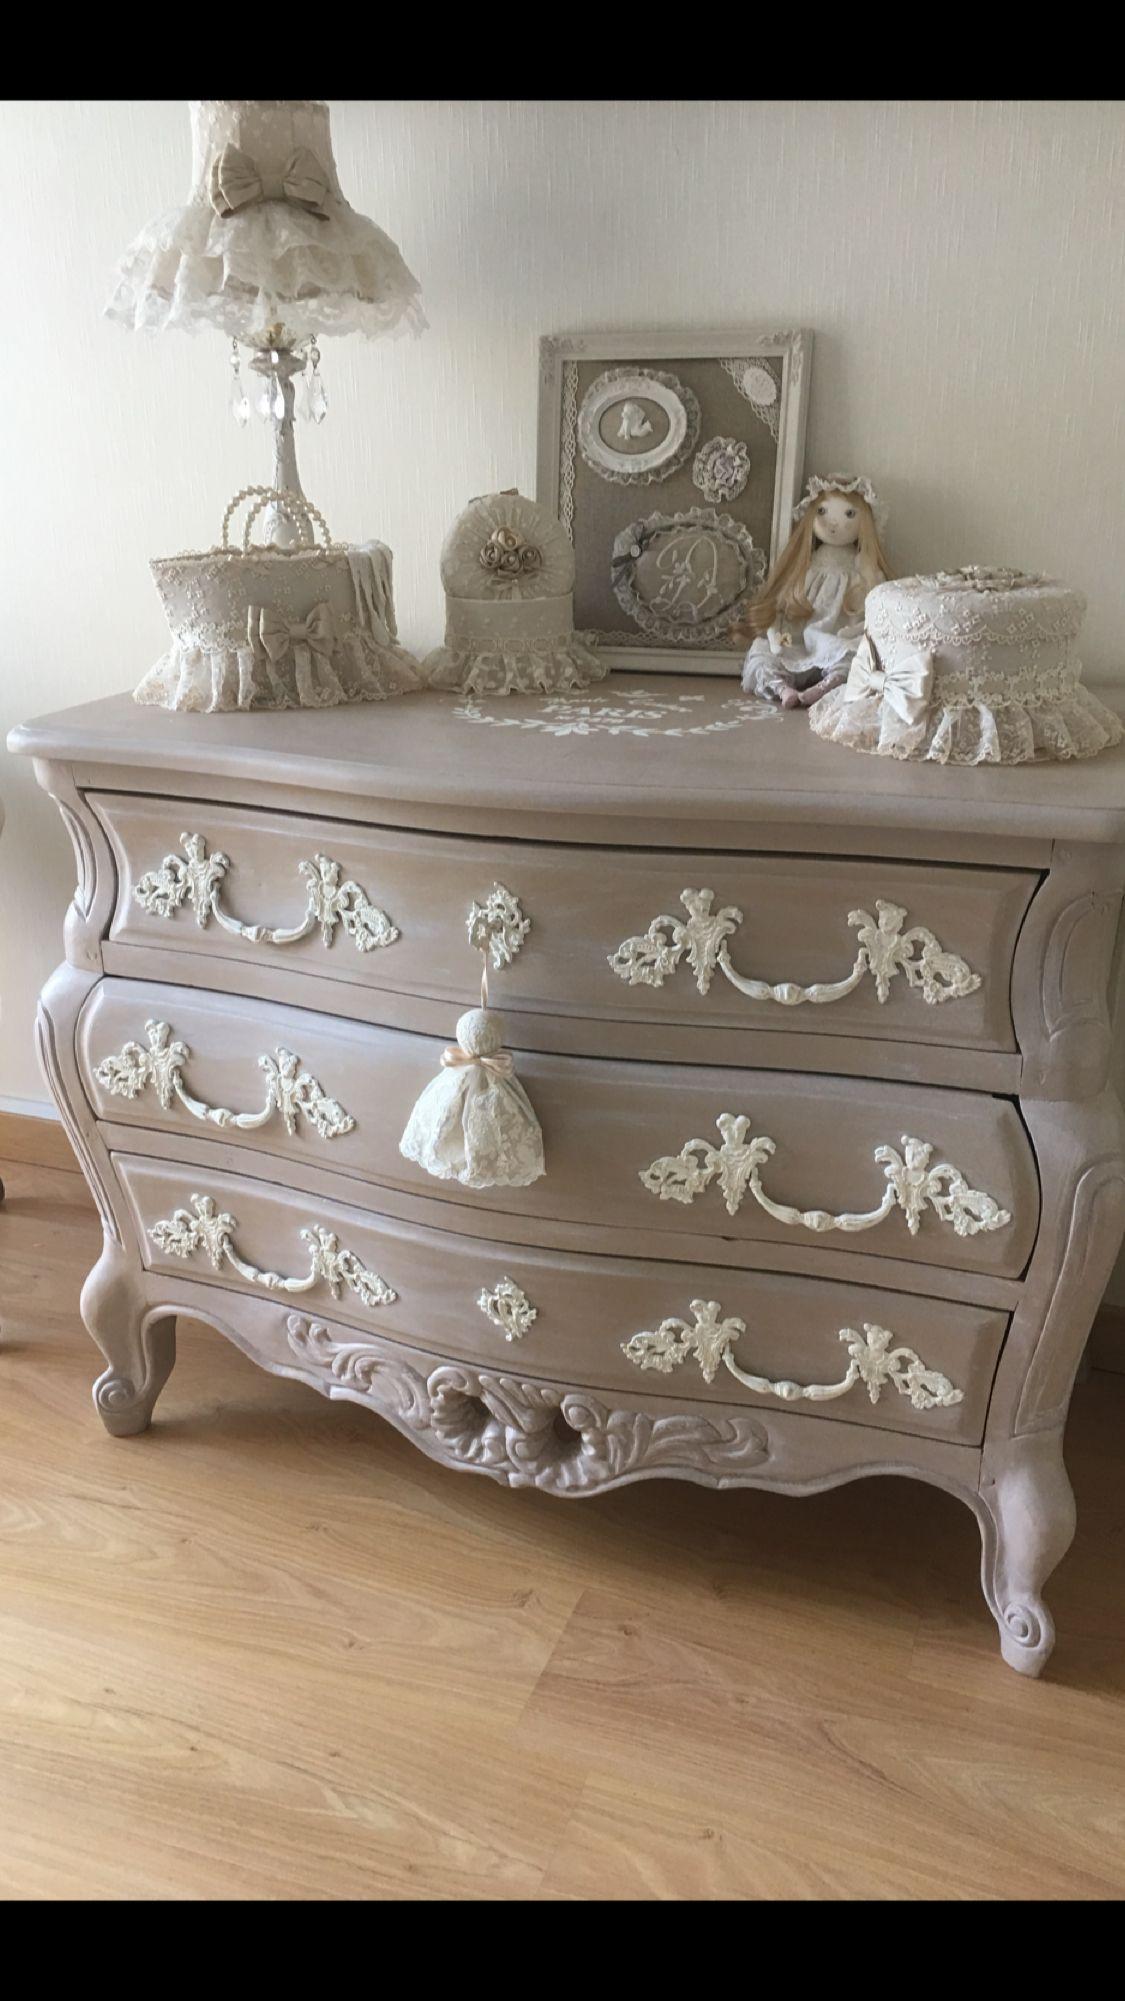 Peinture Sur Meuble Ancien relookage peinture liberon champignon patinée cire à céruser